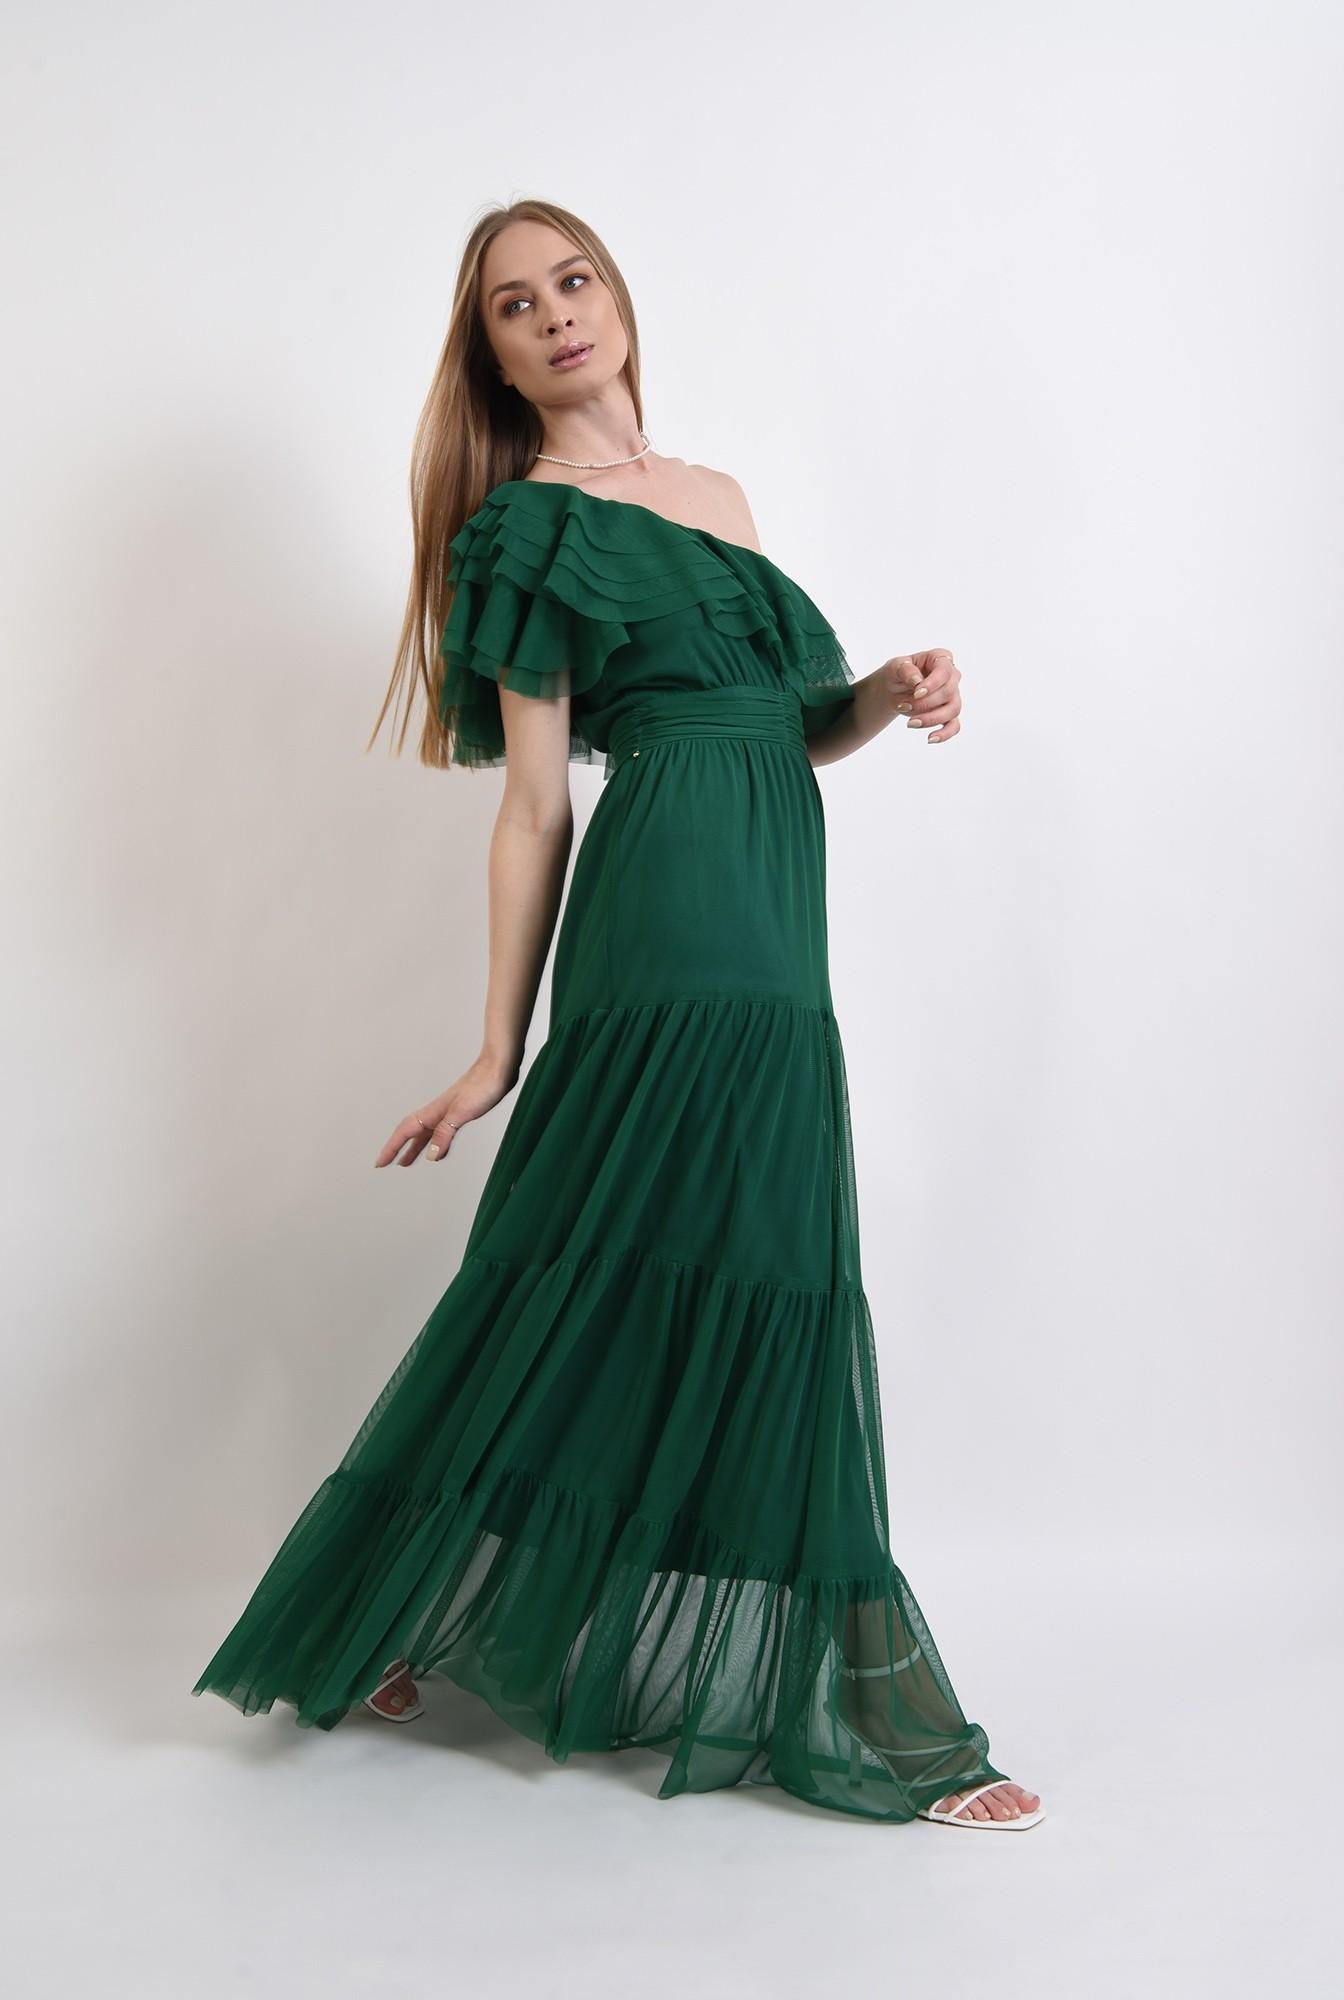 0 - rochie din tul, verde, cu decolteu asimetric